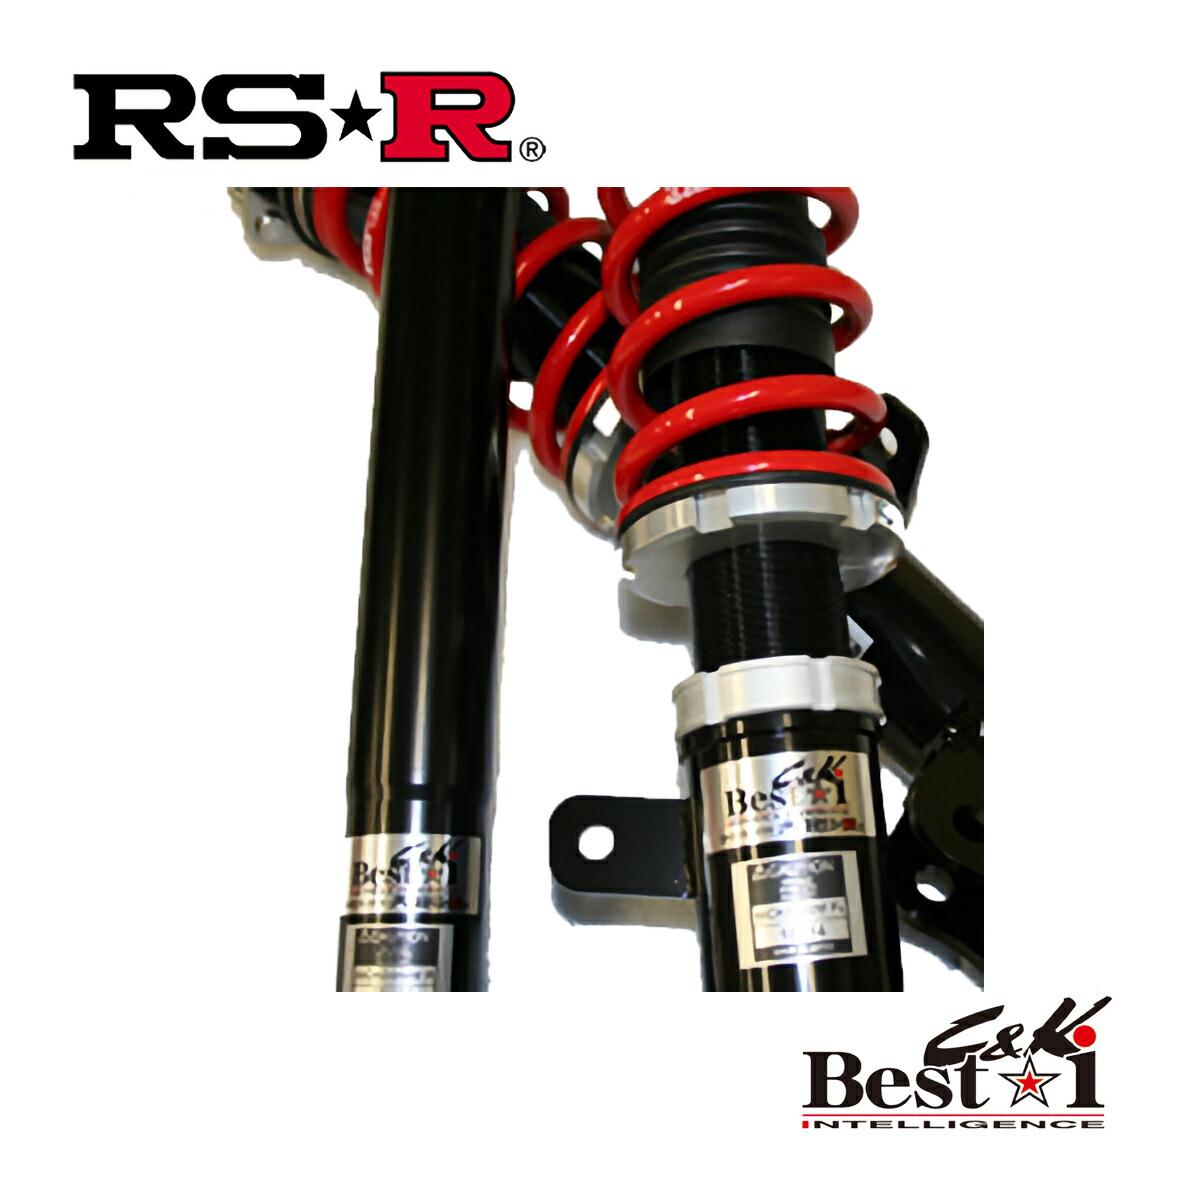 RS-R スイフト RSt ZC13S 車高調 リア車高調整 ネジ式 BICKS230M ベストi C&K RSR 個人宅発送追金有